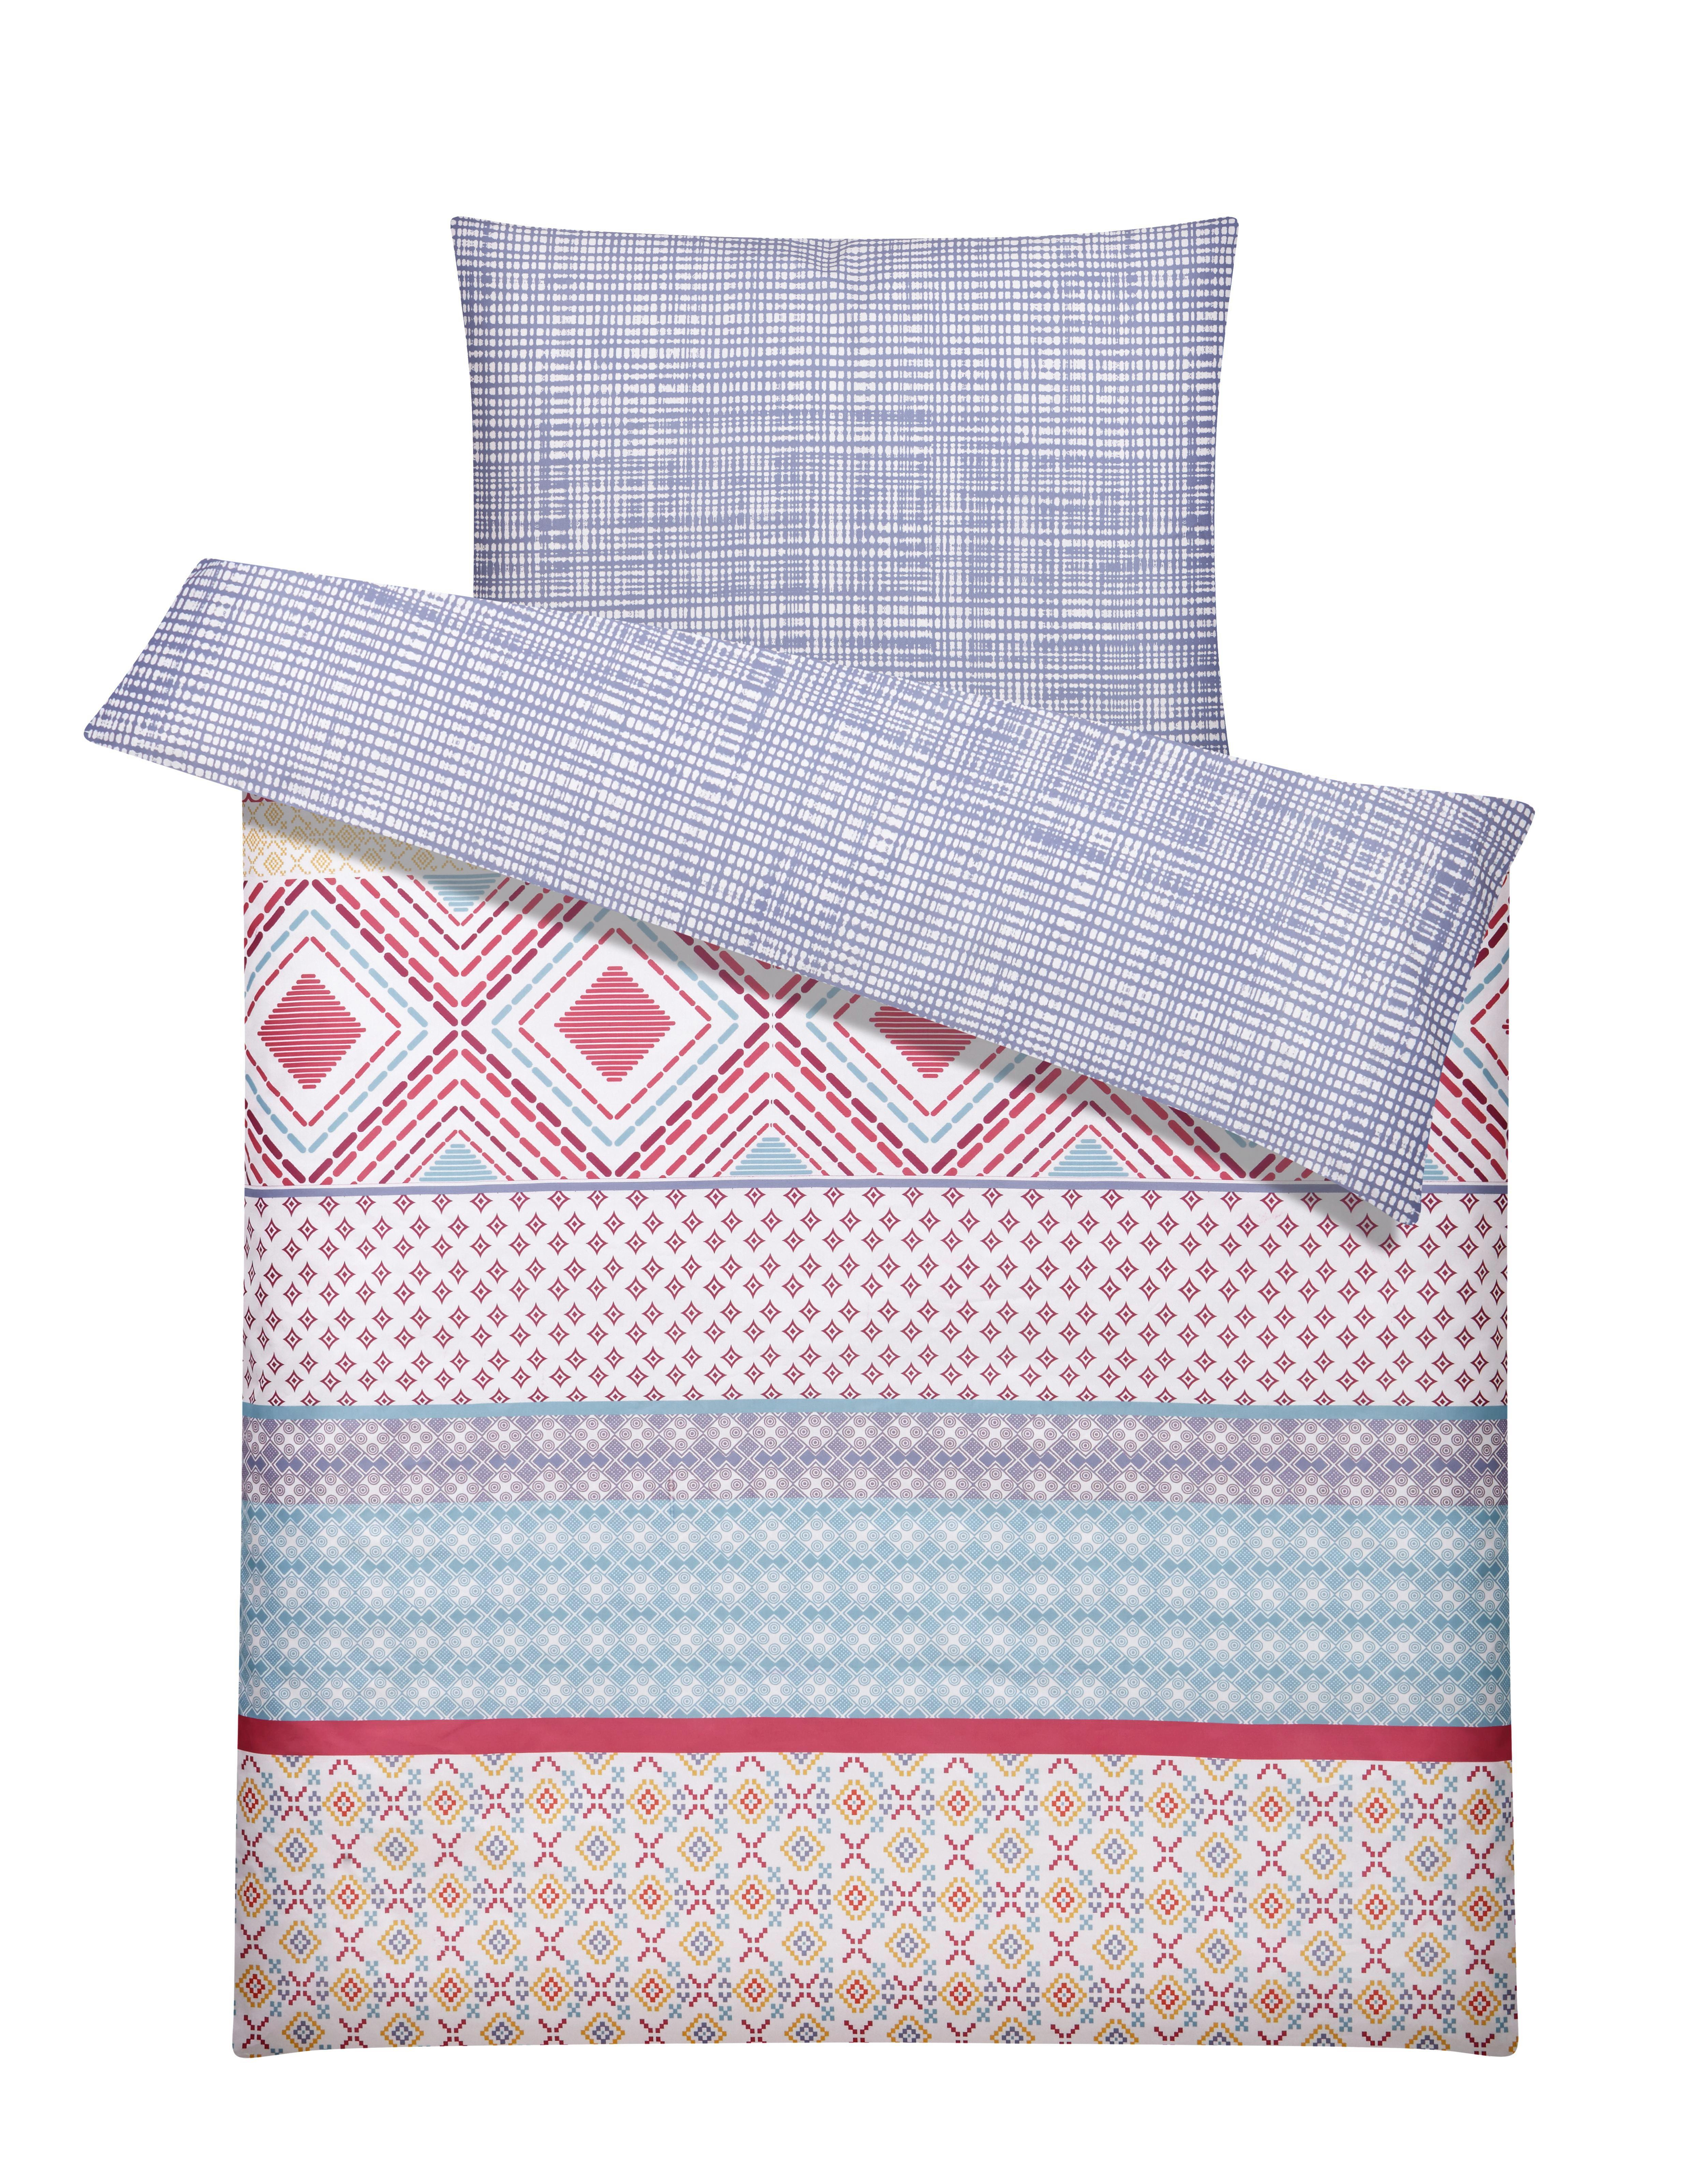 Bettwäsche S. Oliver Baumwollsatin - Multicolor, MODERN, Textil - S. OLIVER